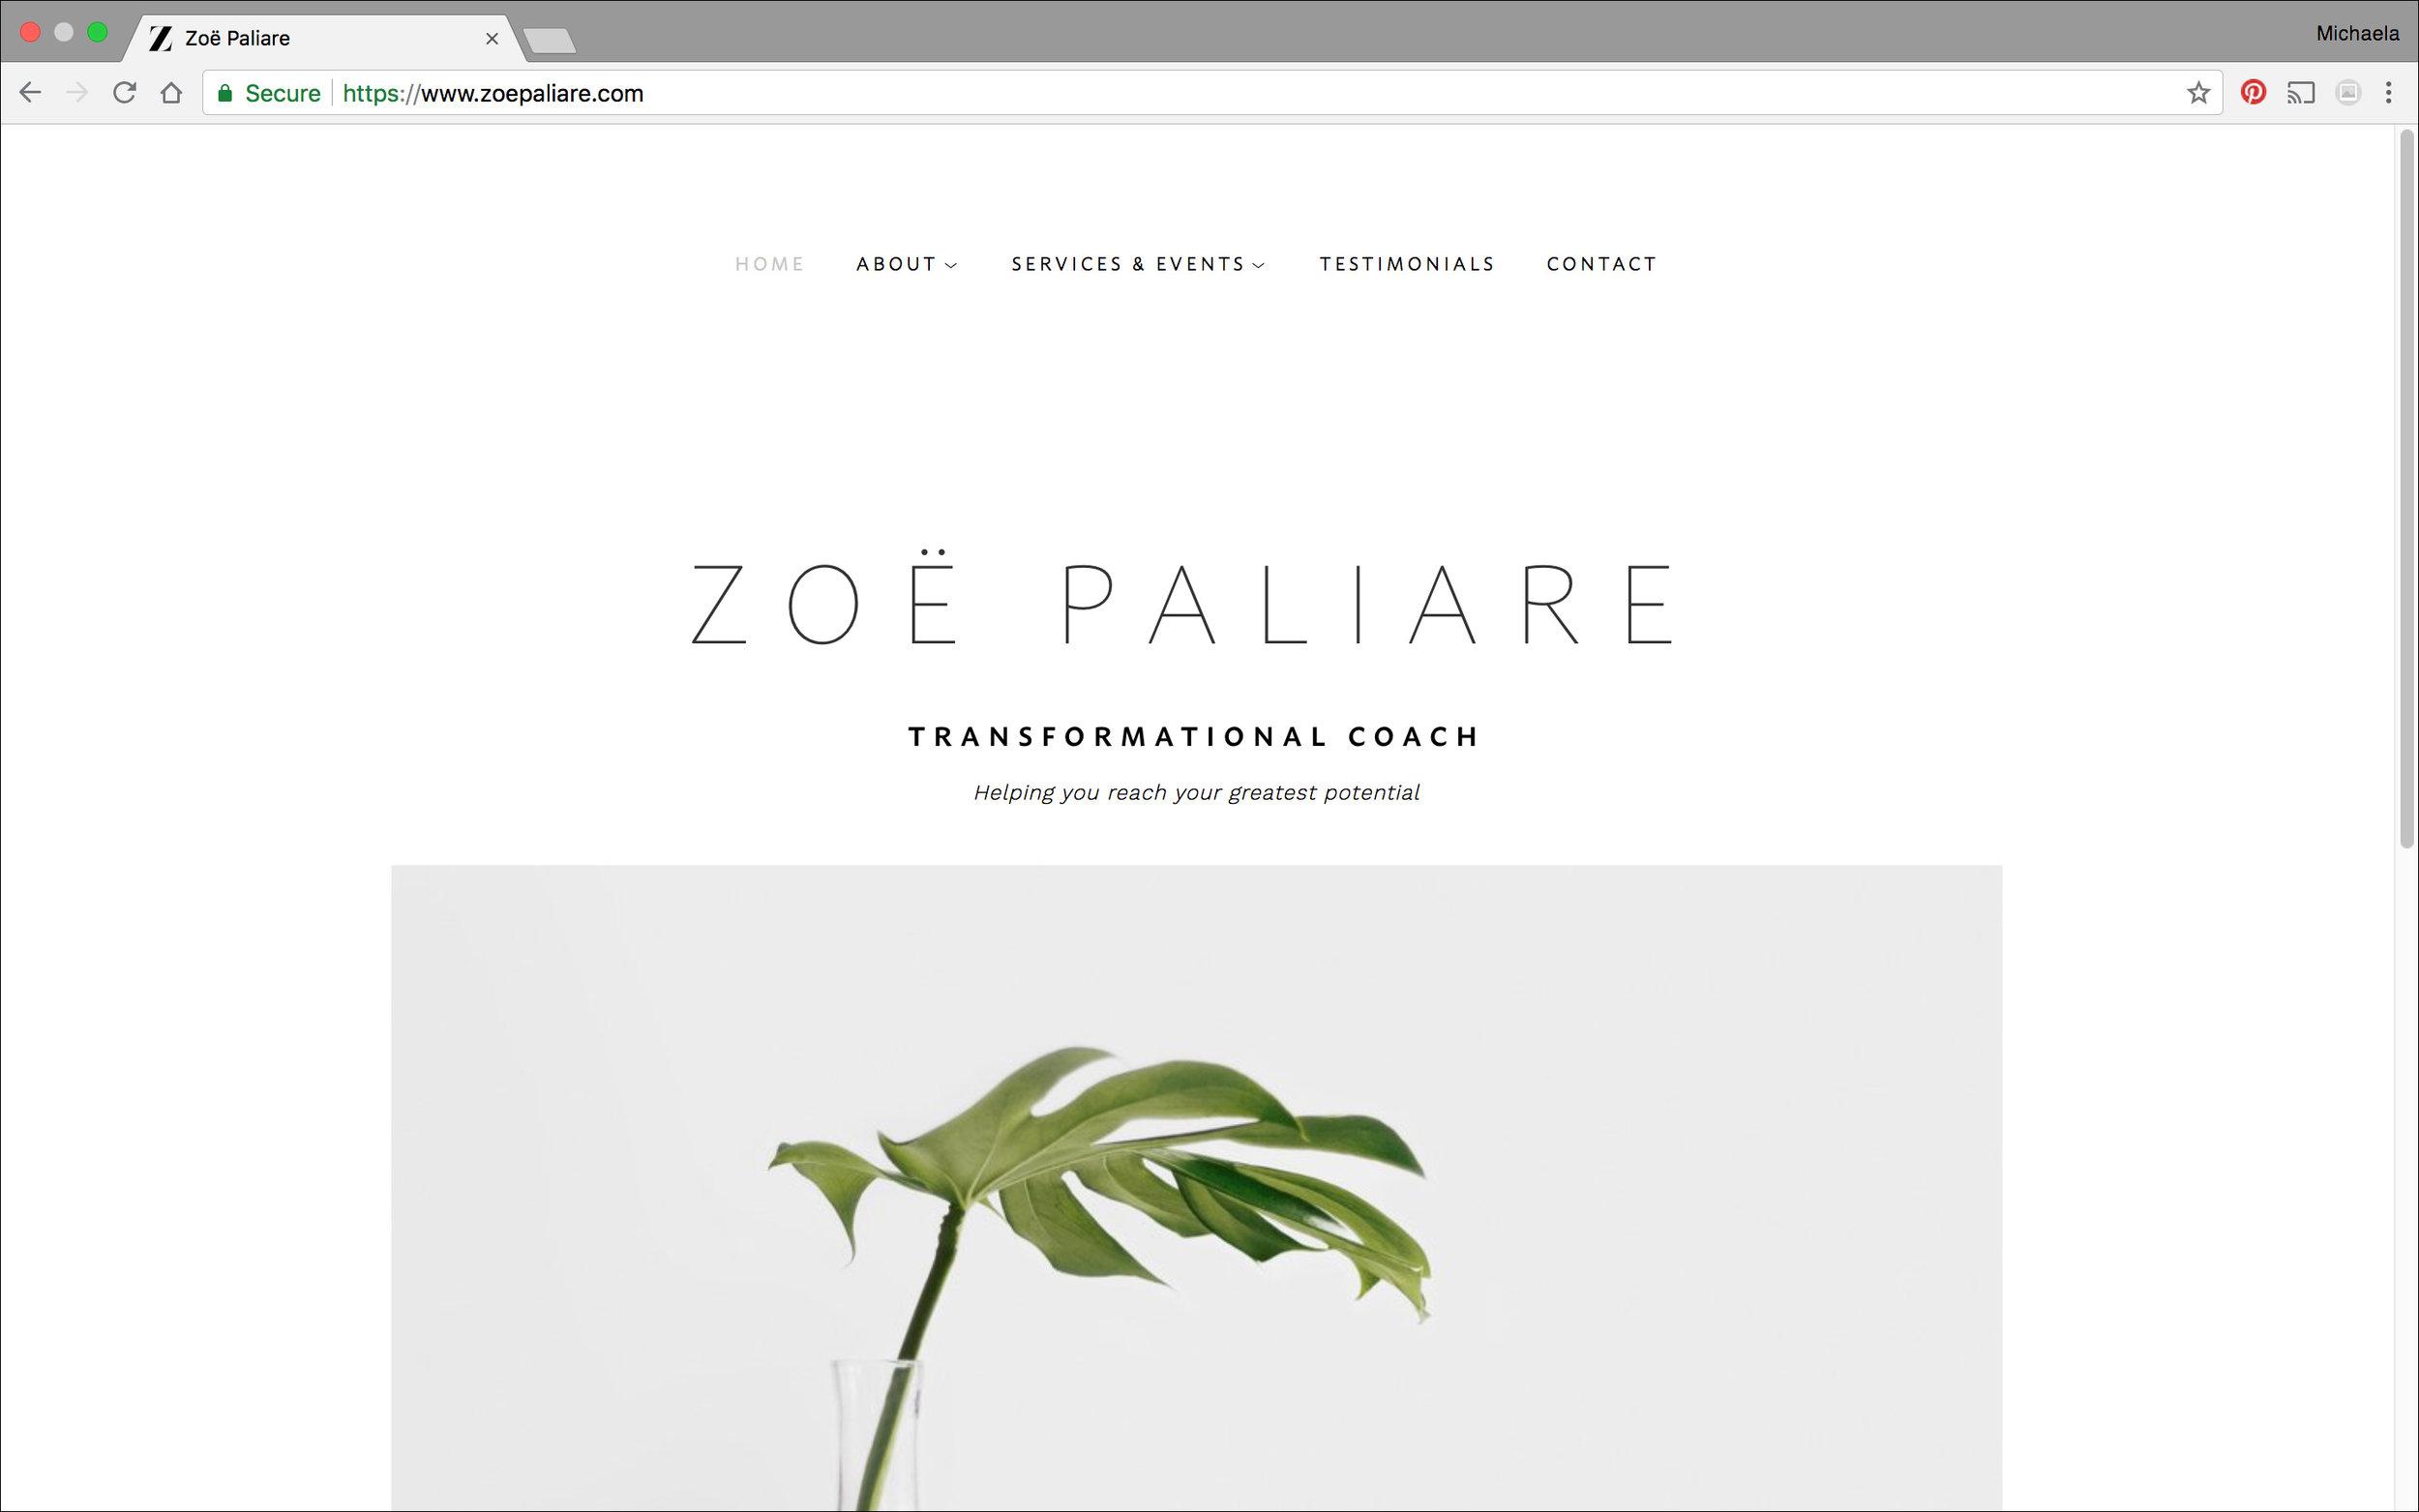 ZOE PALIARE